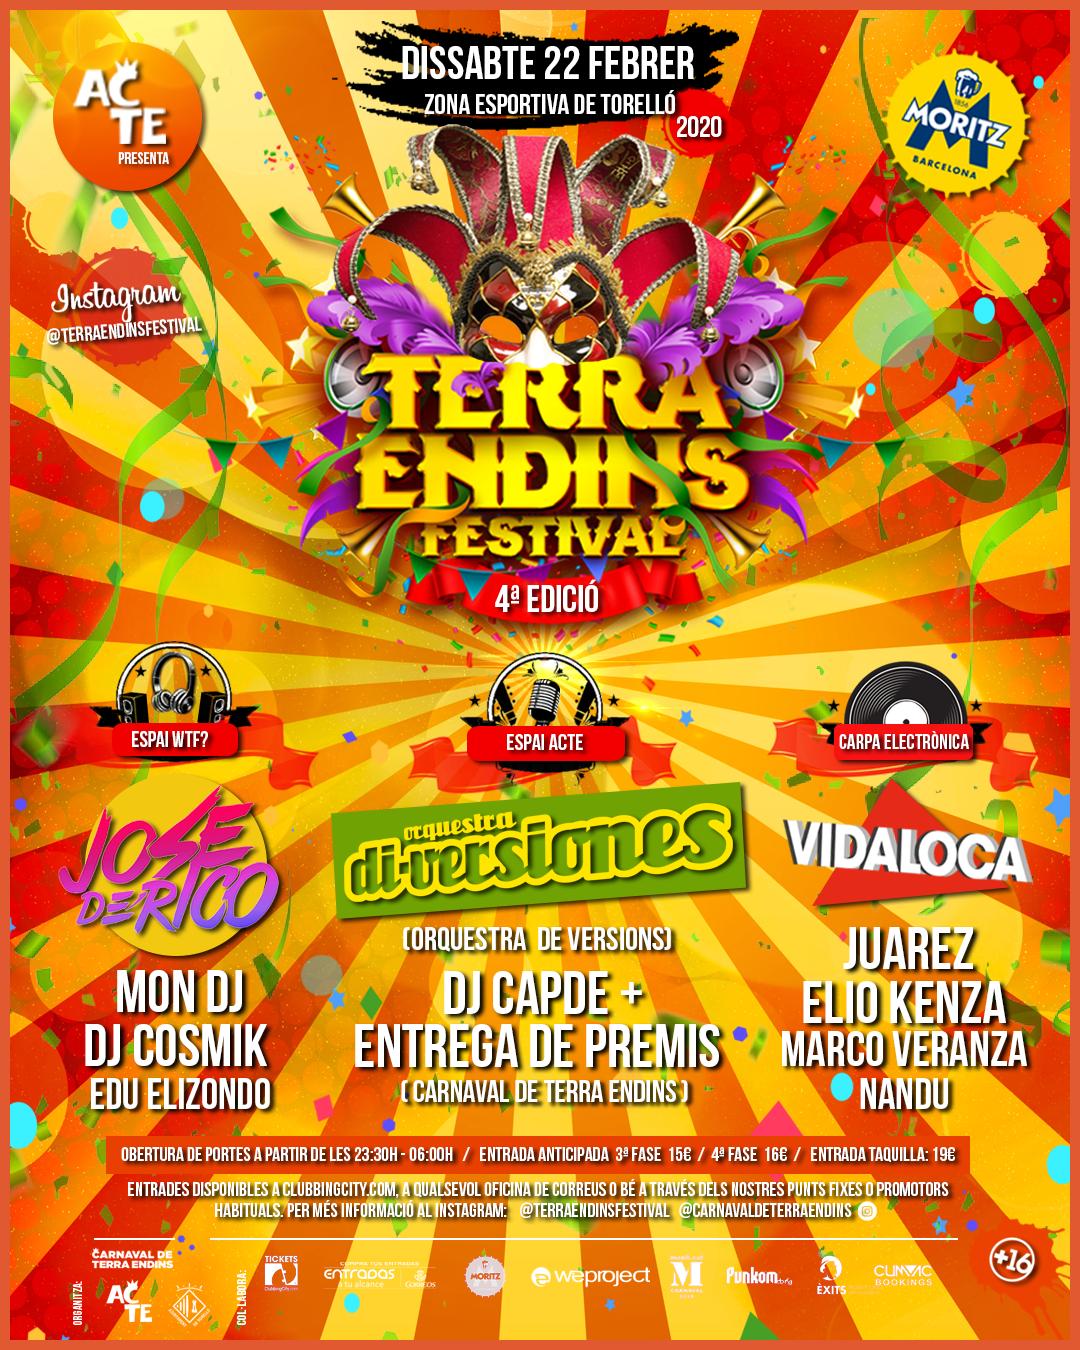 terra-endins-festival-2020-4a-edicio-5e2ff0364b530.png